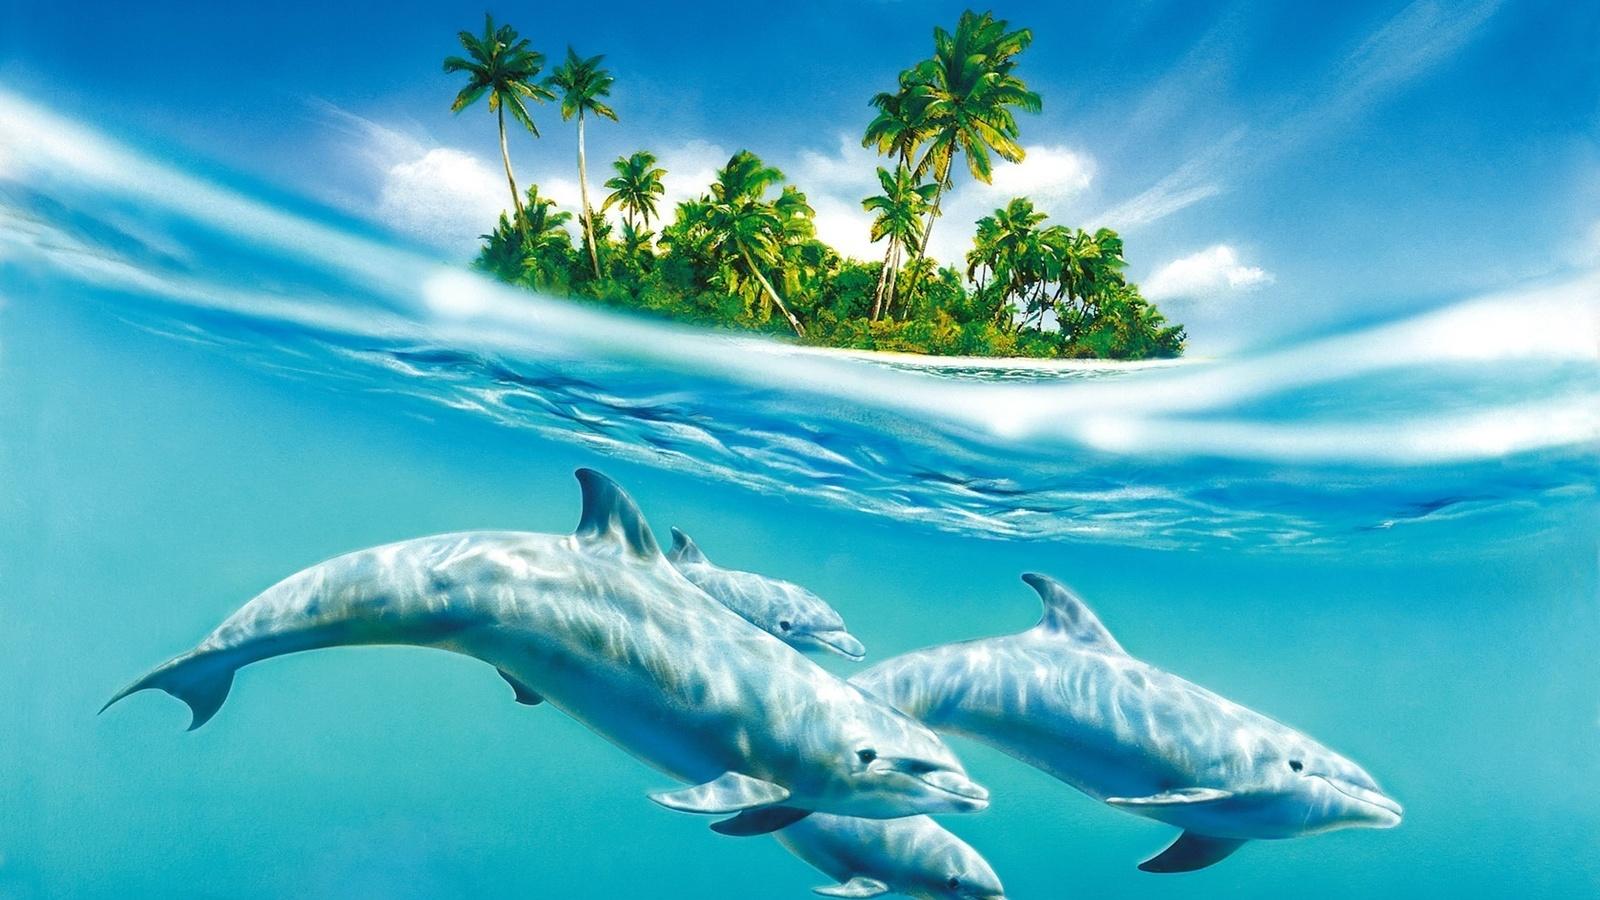 остров, море, дельфины